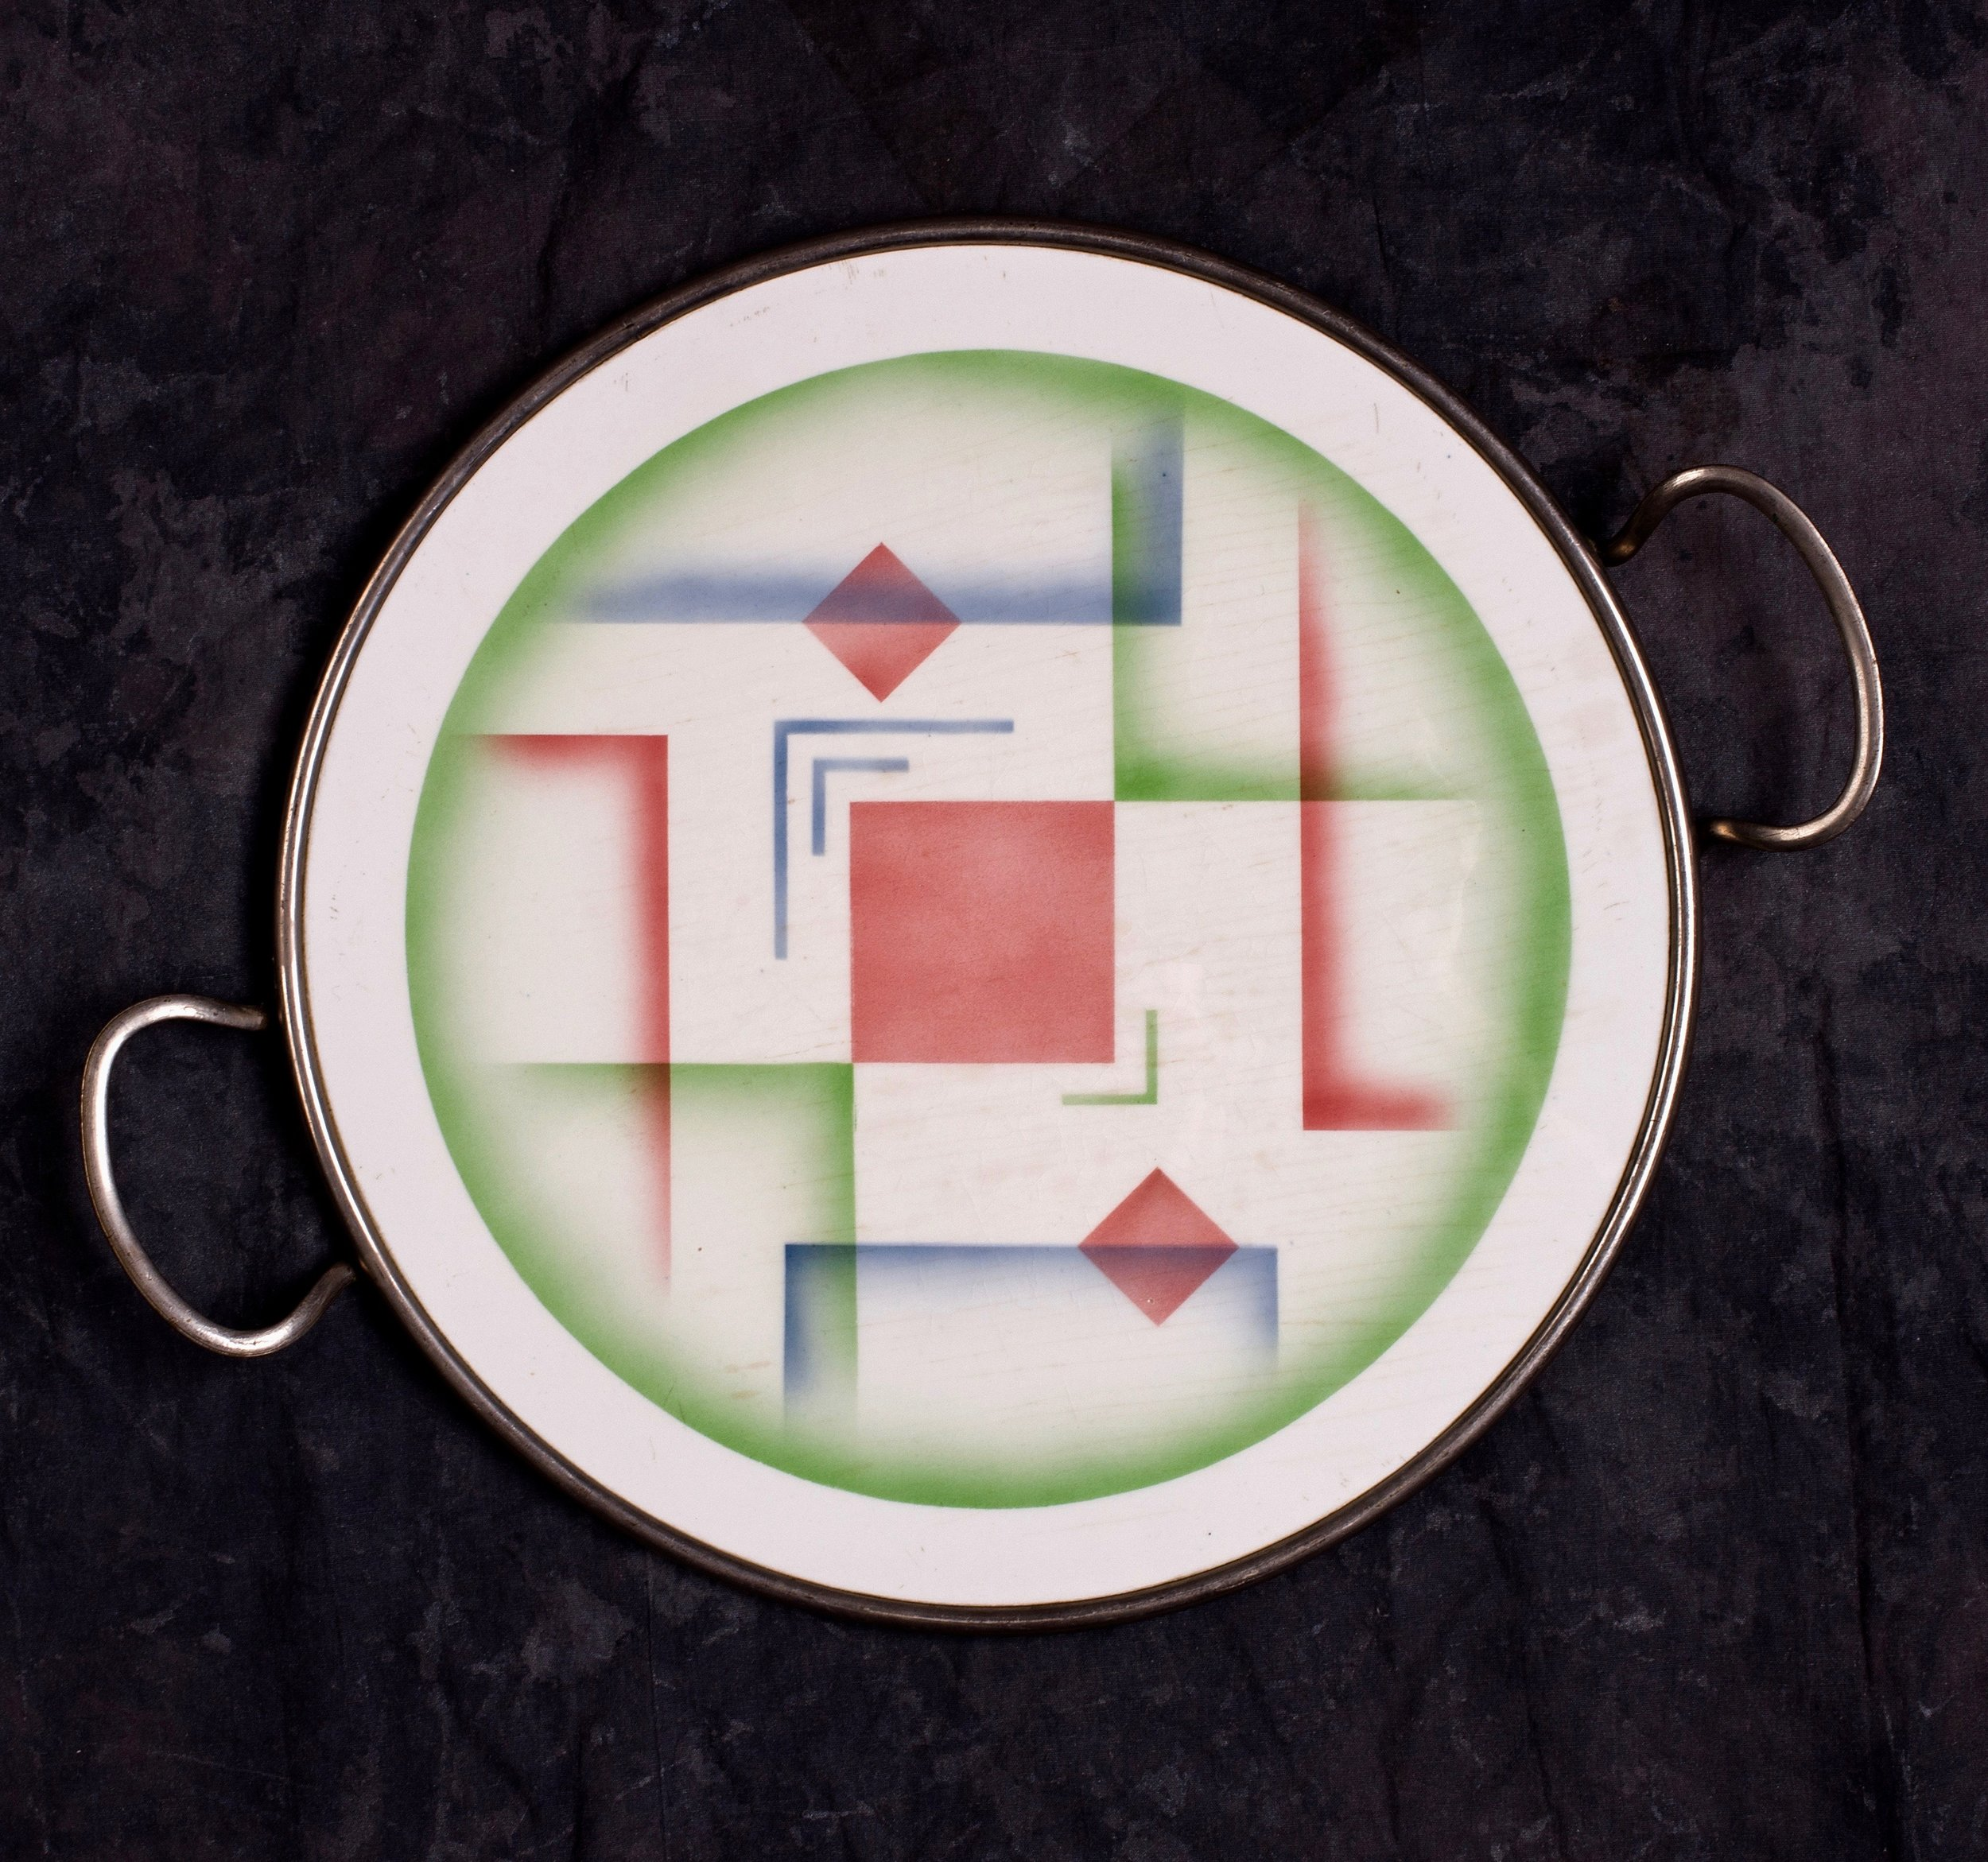 #39 Platter, form 30, dec.5837, Grünstadt, ca.1930. Green mfr., 58378; 1.5 cm H, 30.2 cm Ø. RM317